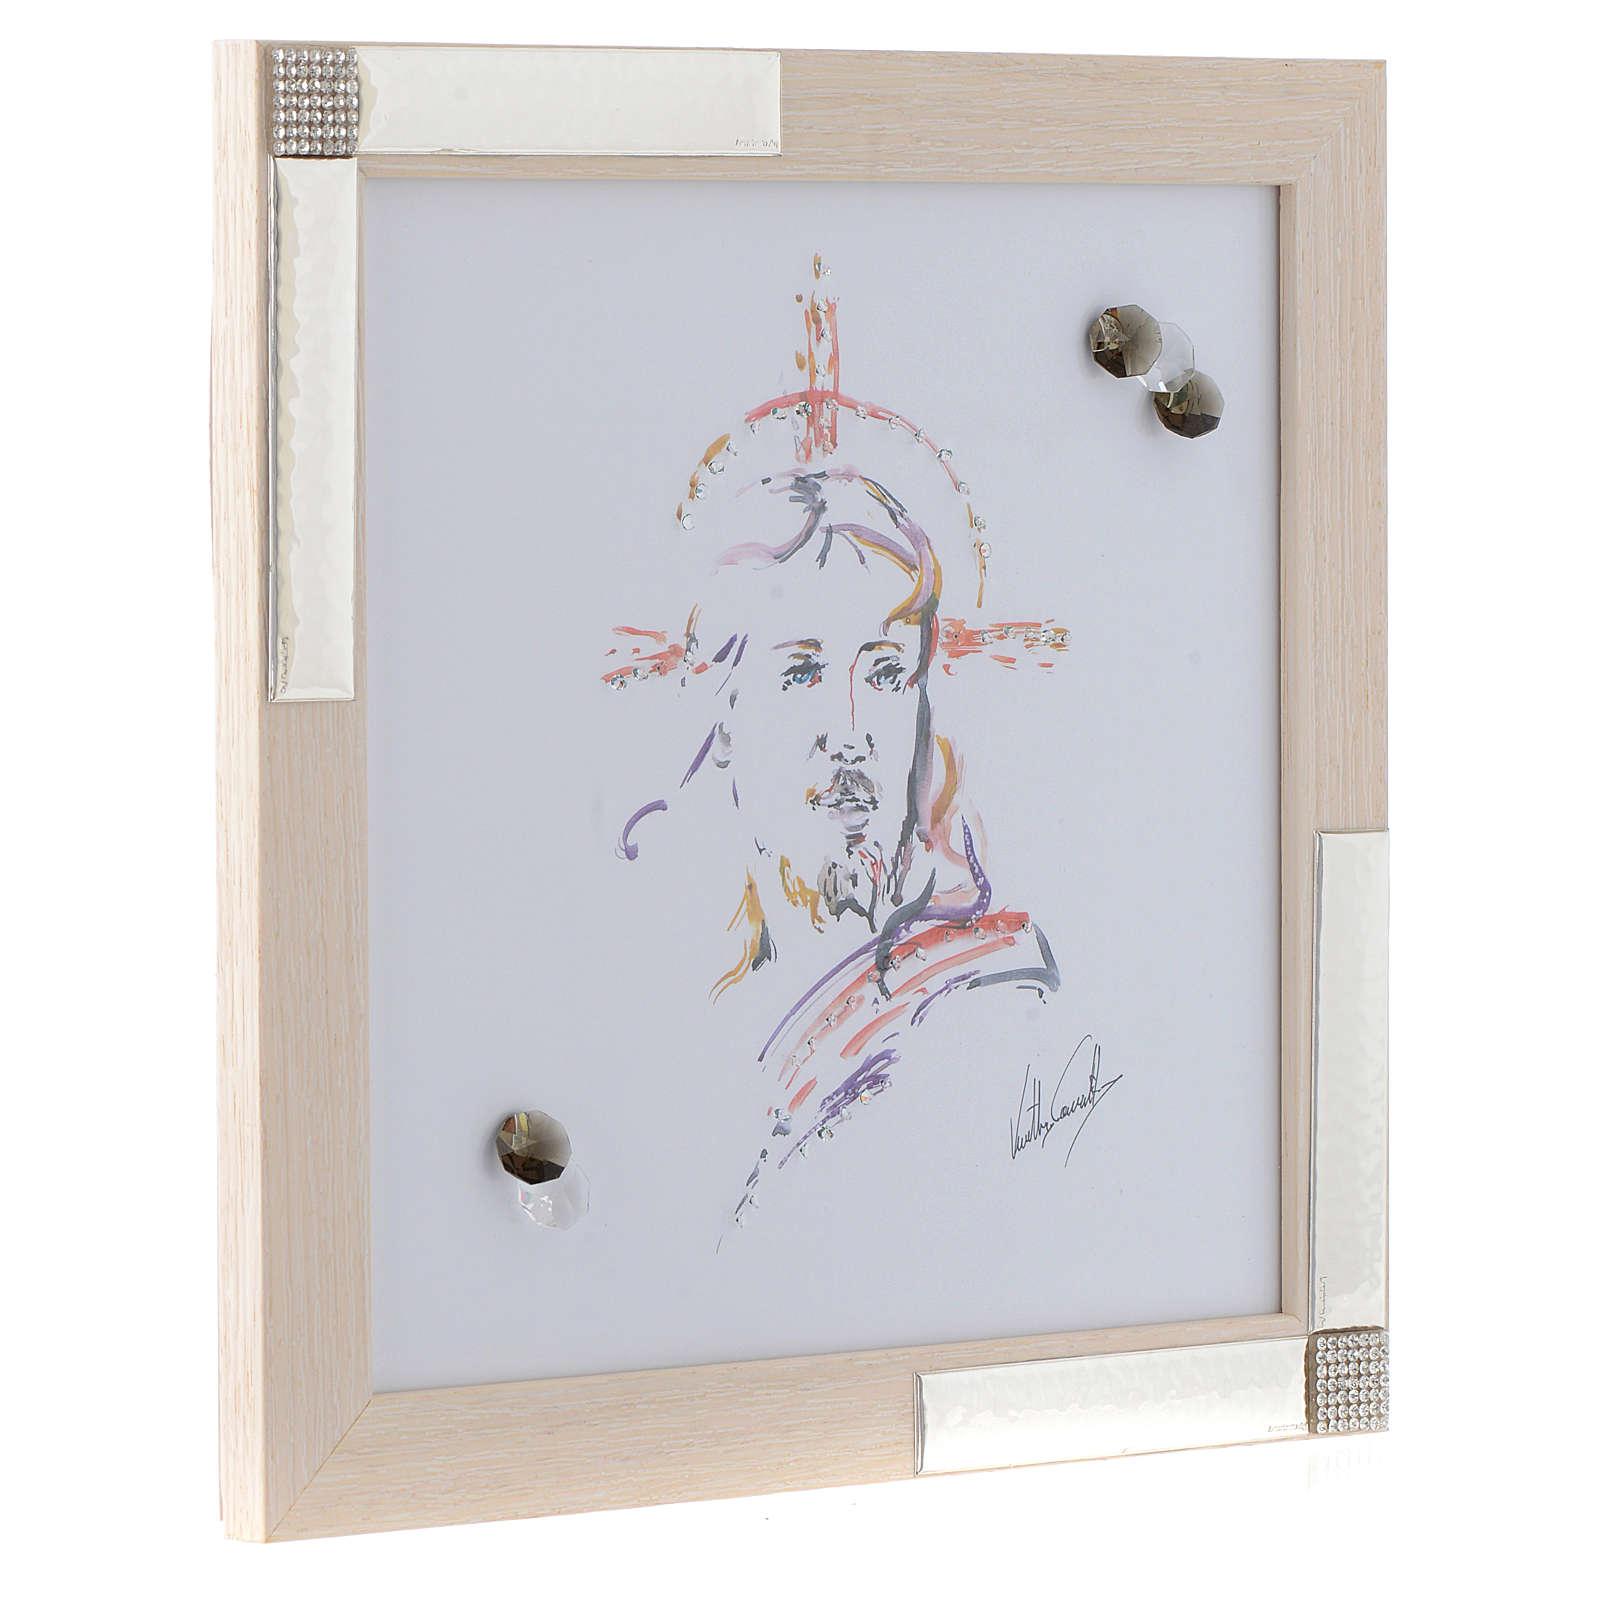 Idée cadeau cadre Christ Espoir 27x27 cm argent cristaux 3